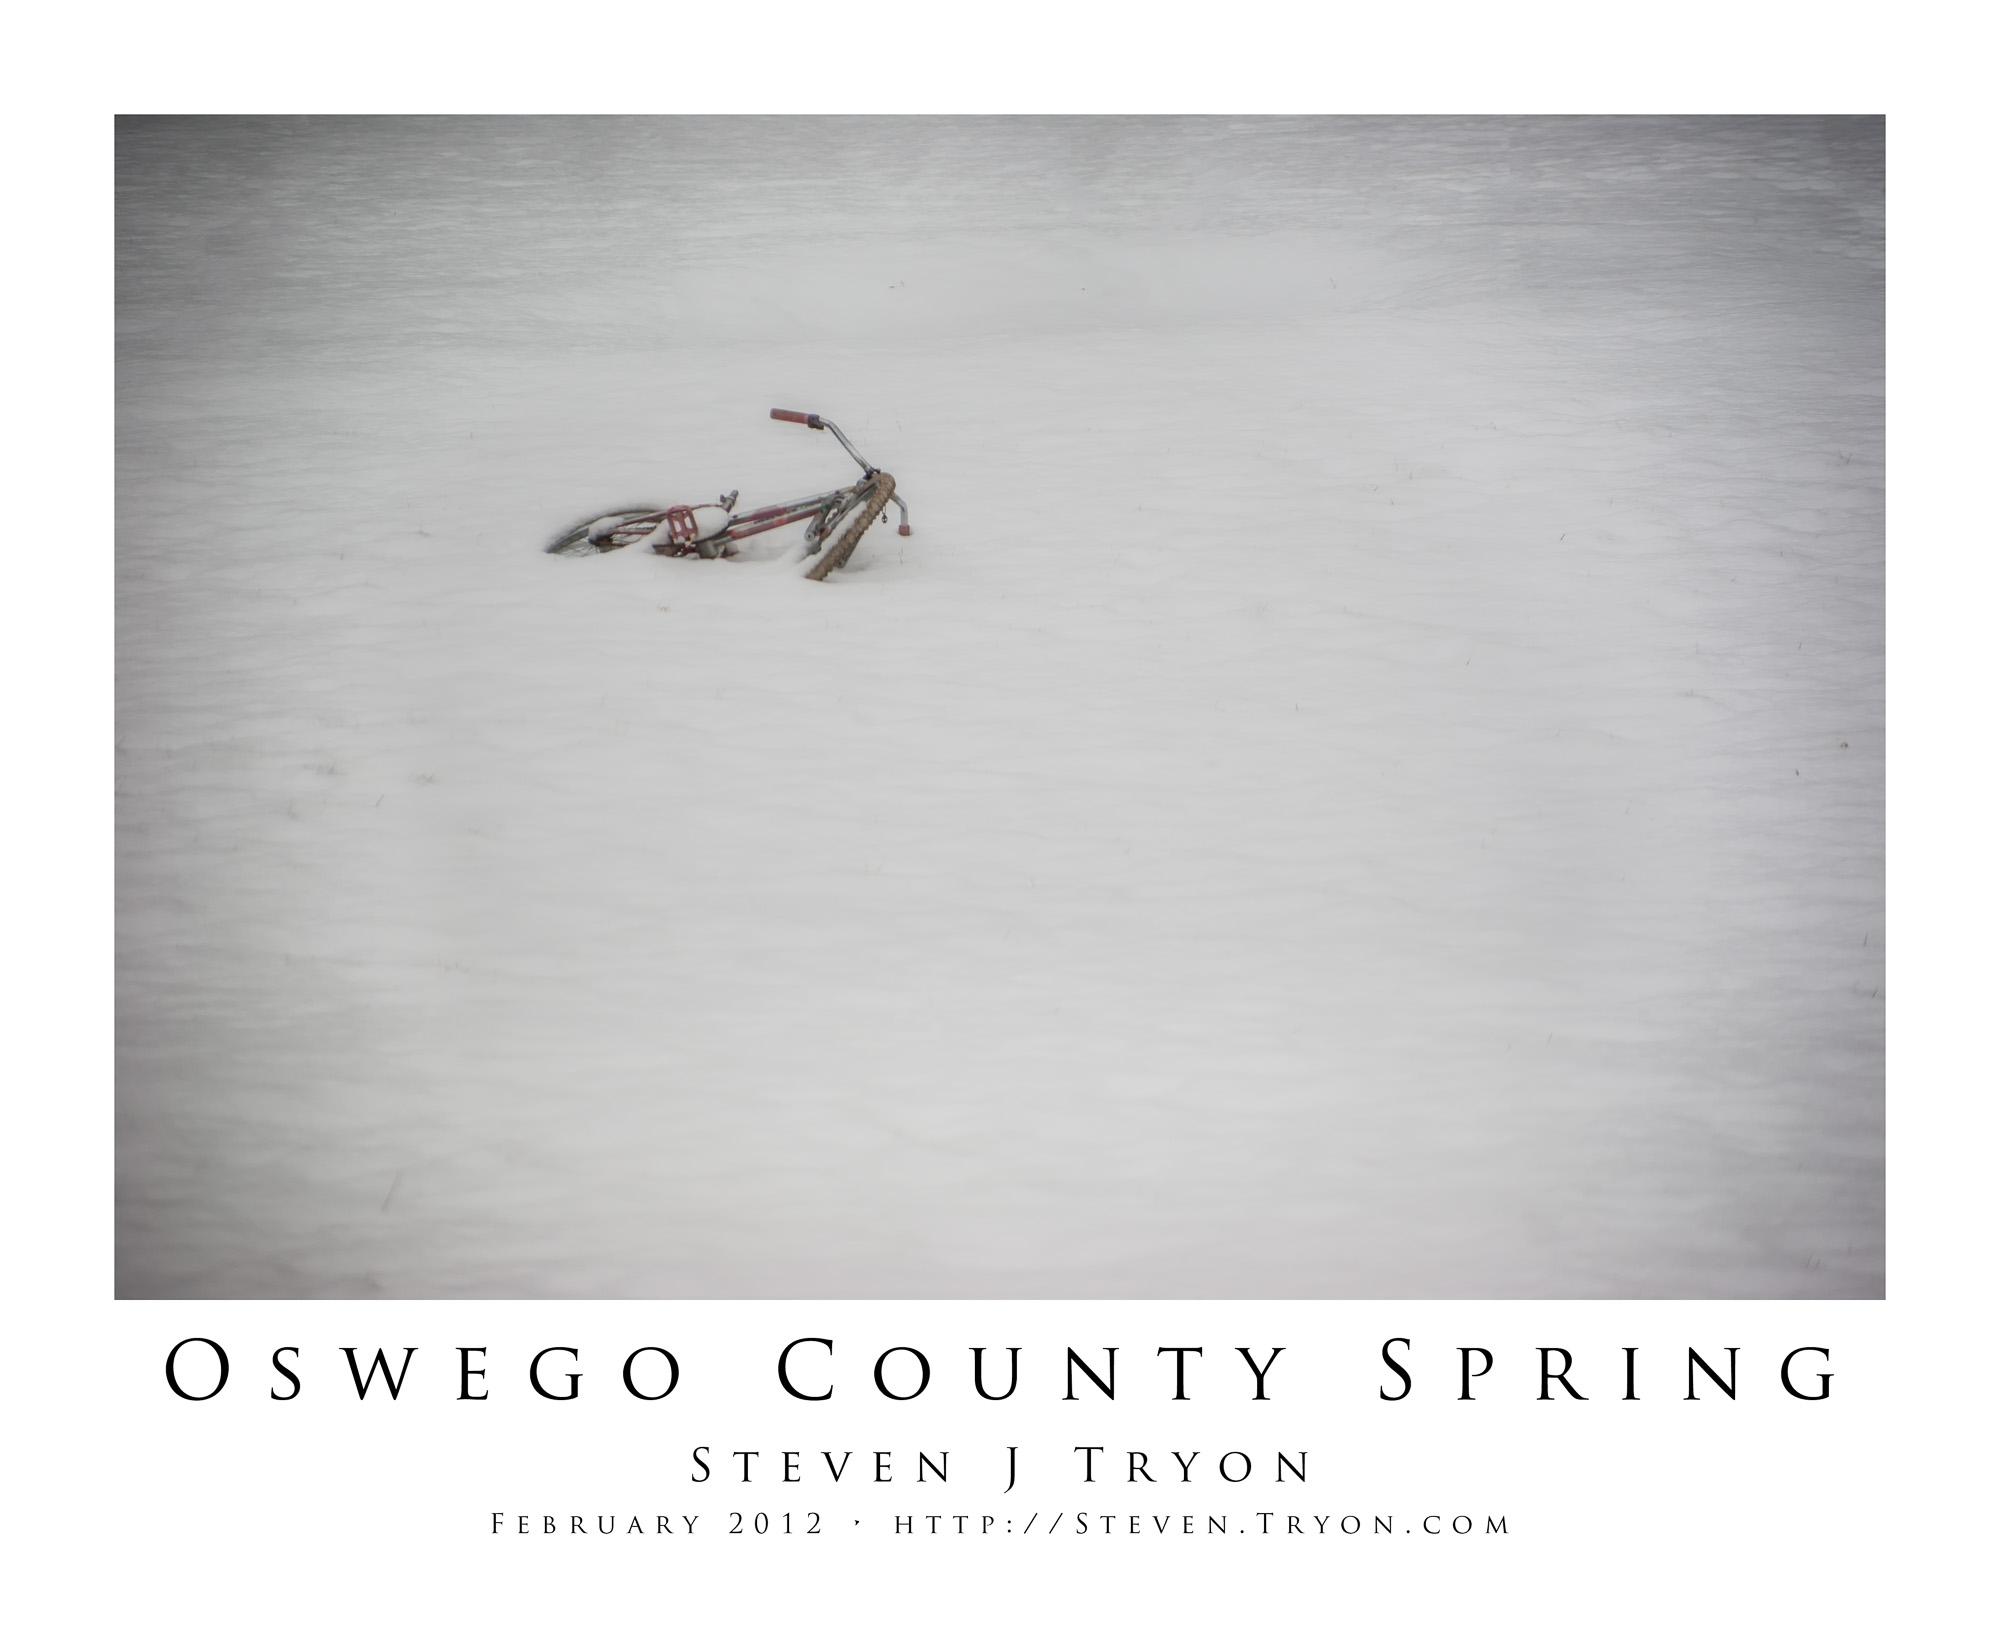 Oswego County Spring